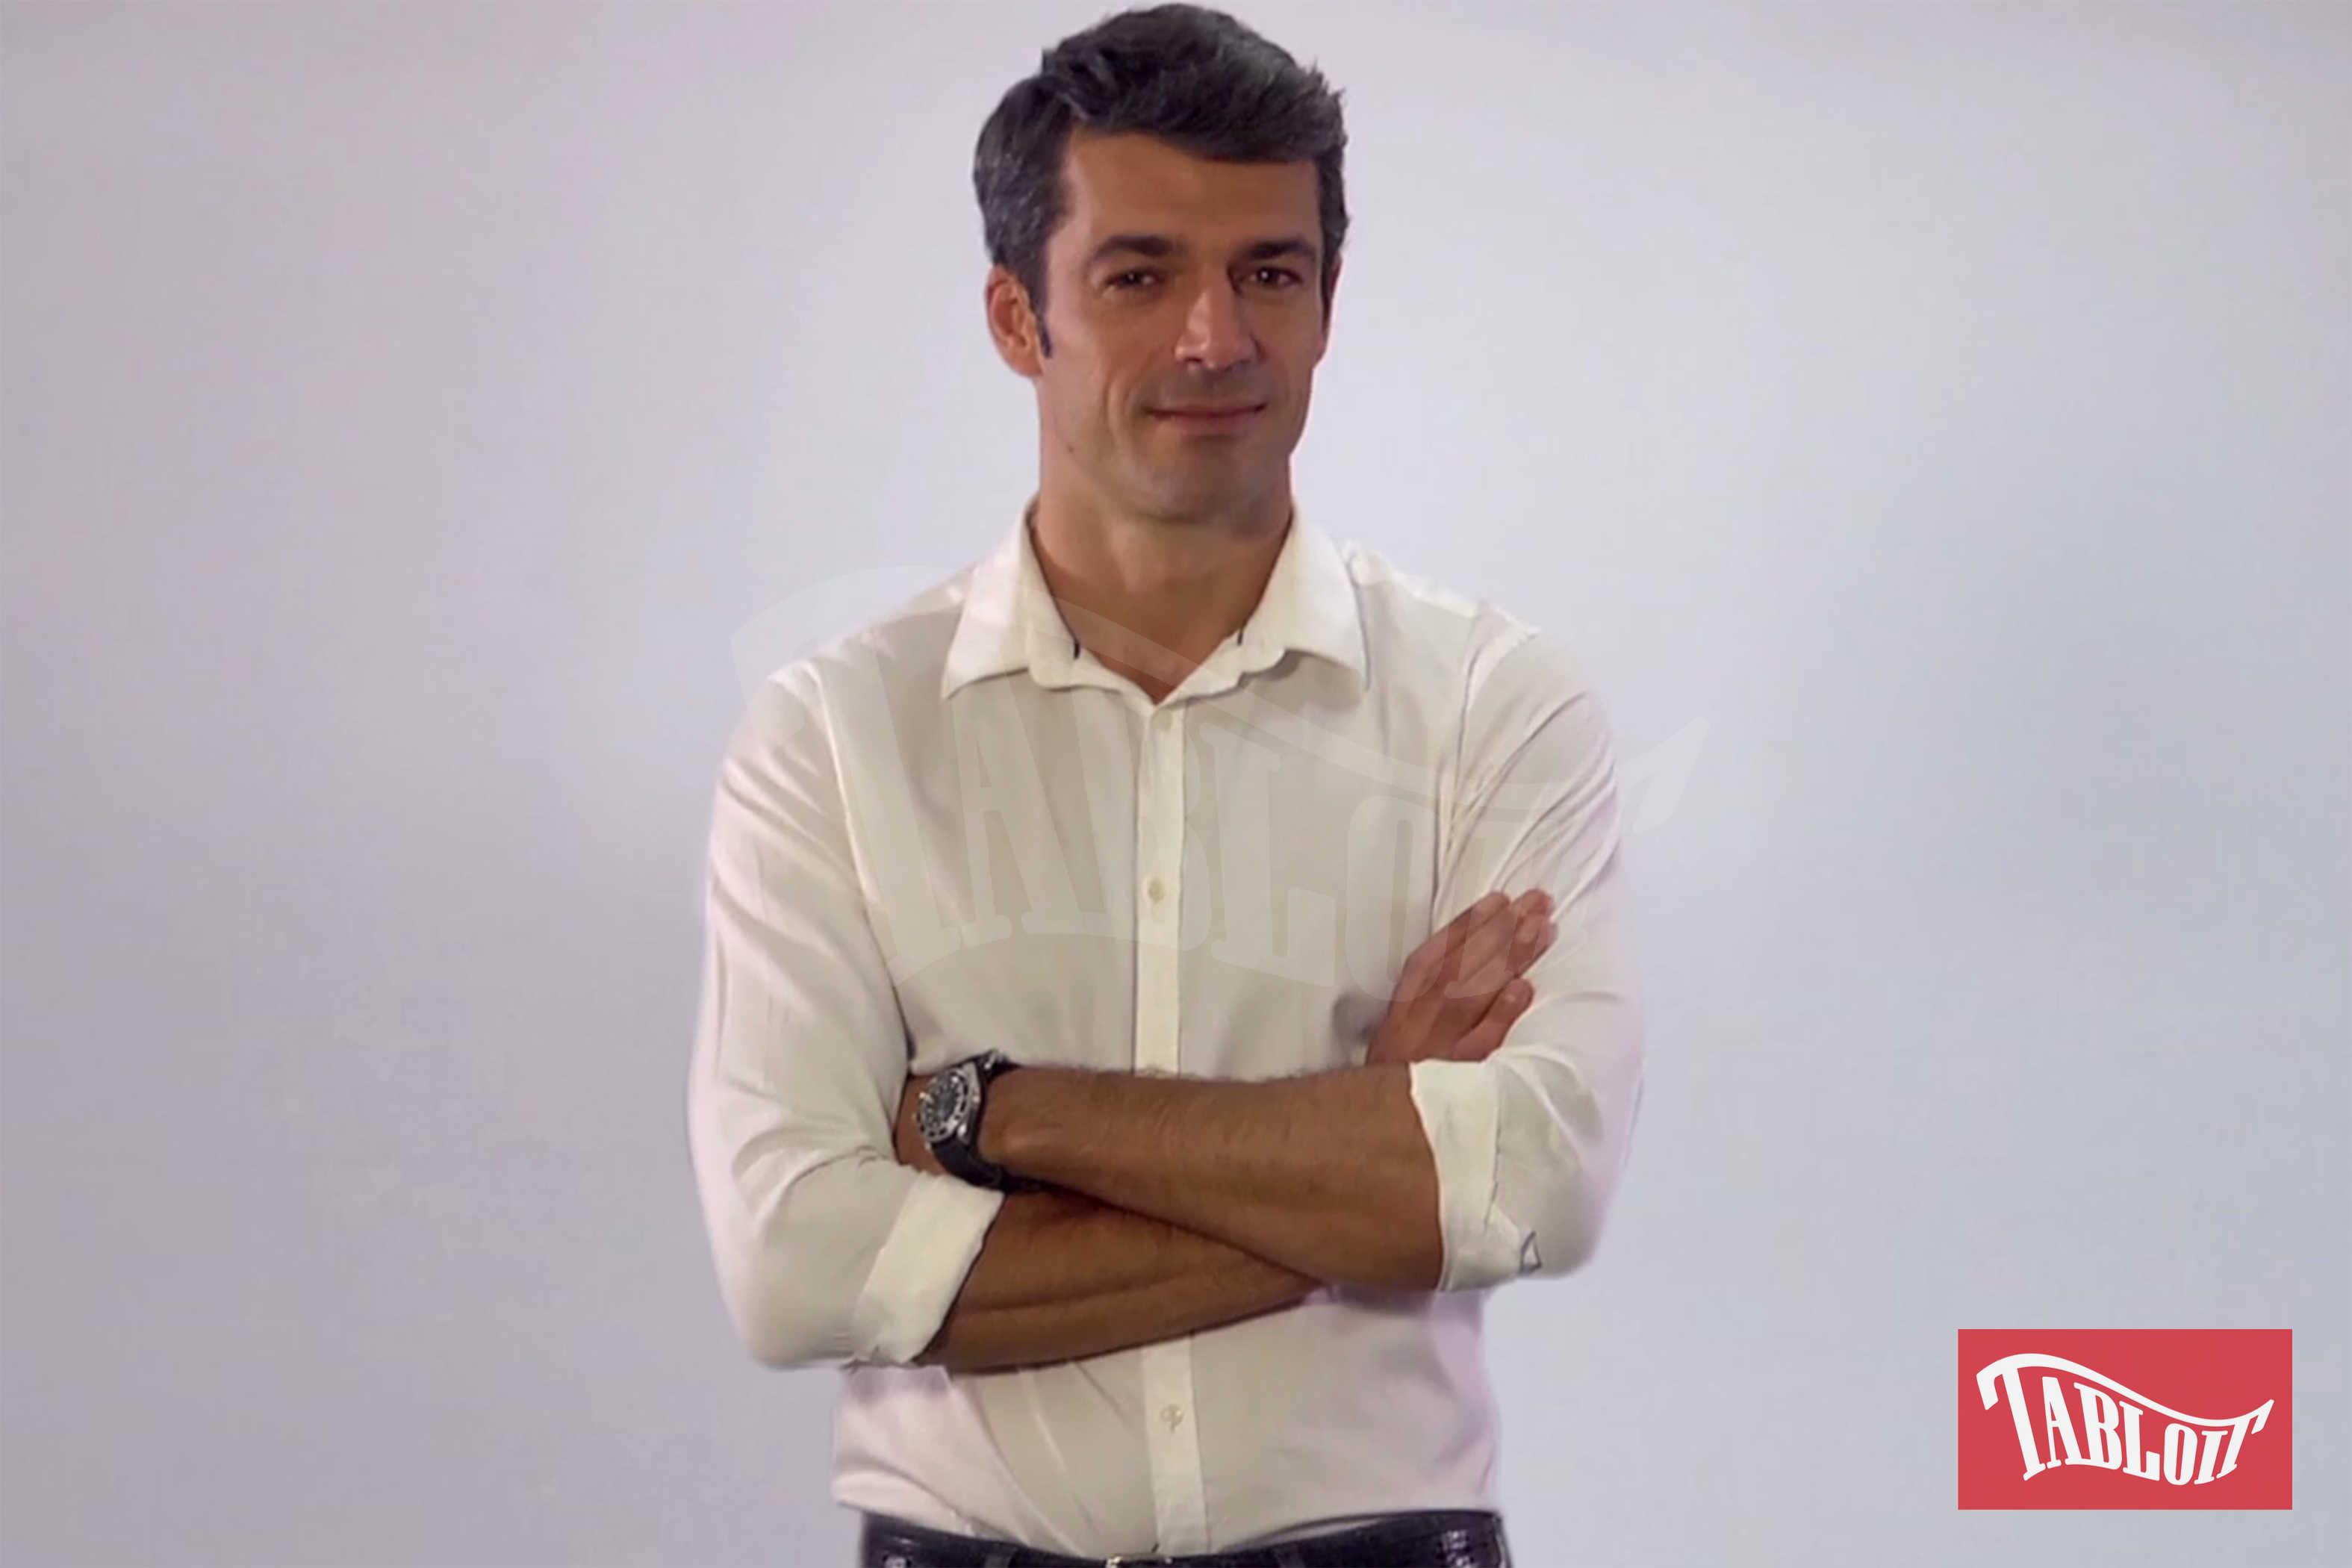 Per Luca Argentero non è la prima esperienza da imprenditore: ha già partecipato alla fondazione della start up Korto, una piattaforma che permette di creare il proprio orto online